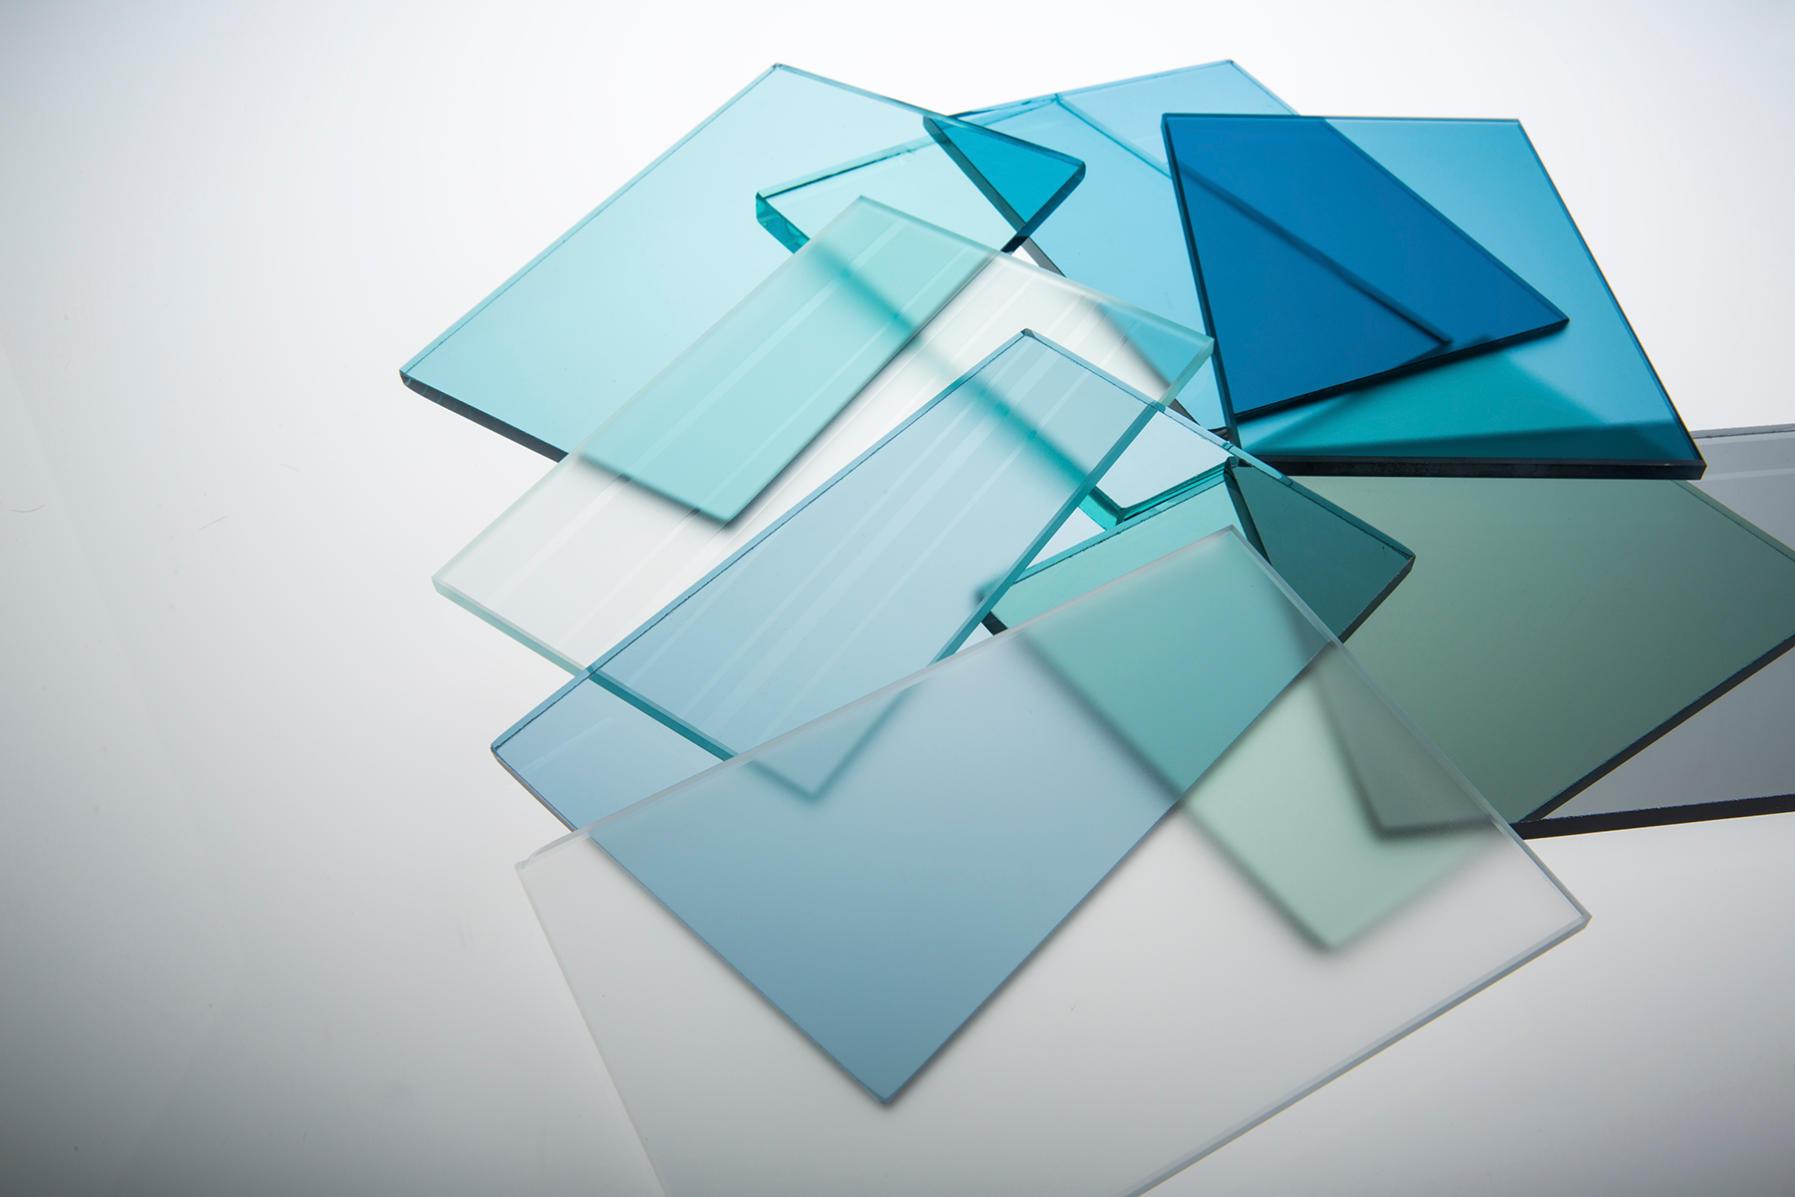 Исследование изделий из стекла и керамики, силикатных строительных материалов